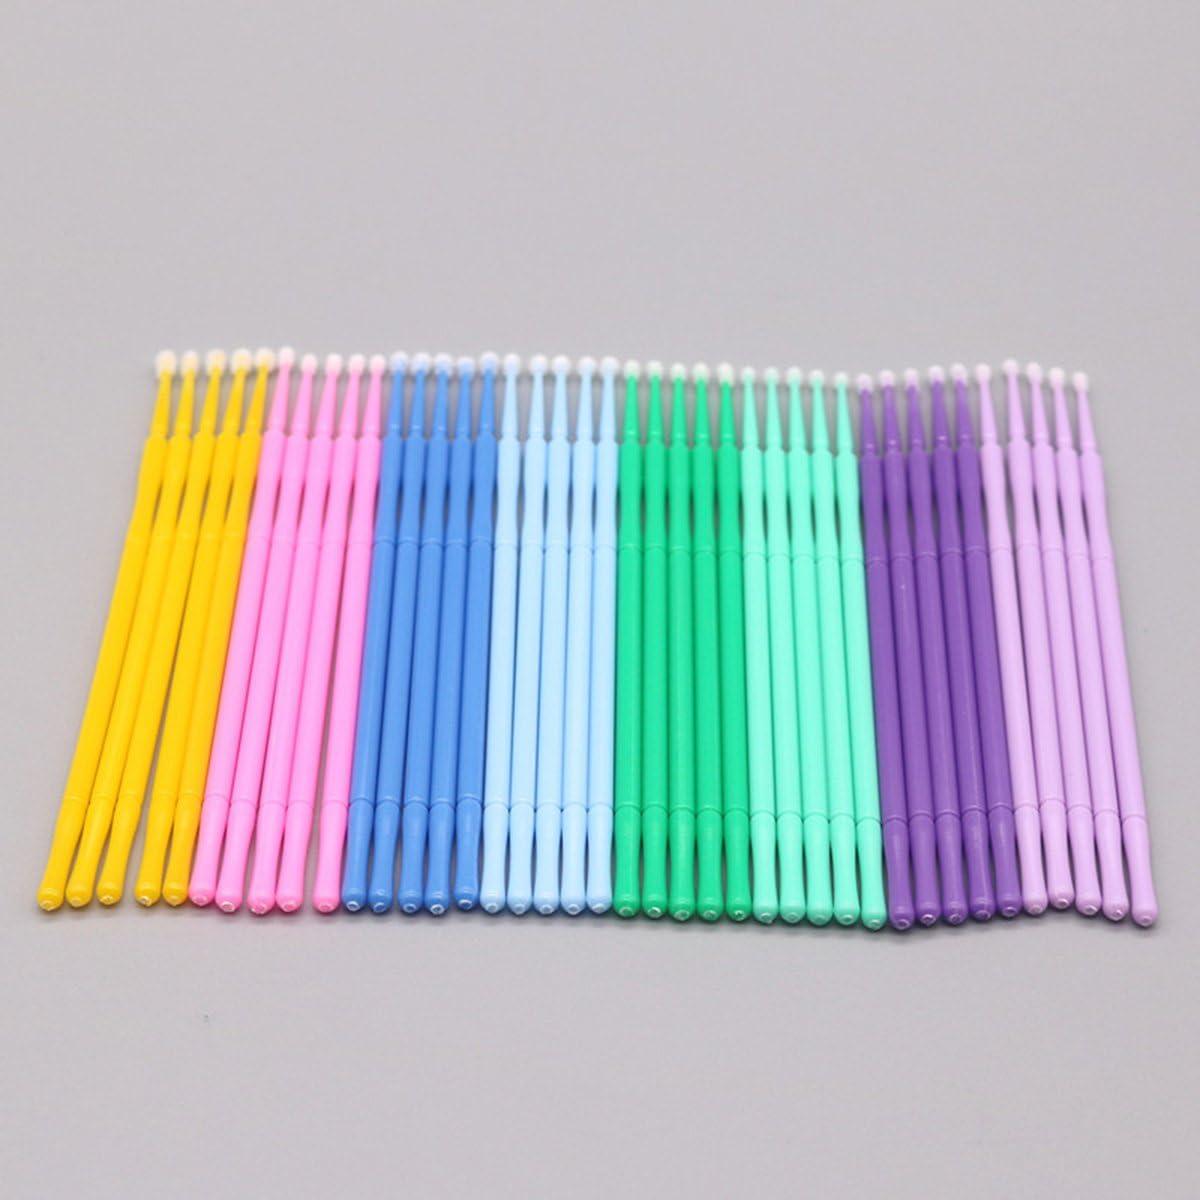 Heallily 100 Unids Micro aplicador desechable cepilla la varita de la esponja para la extensi/ón de la pesta/ña maquillaje dental belleza azul cielo